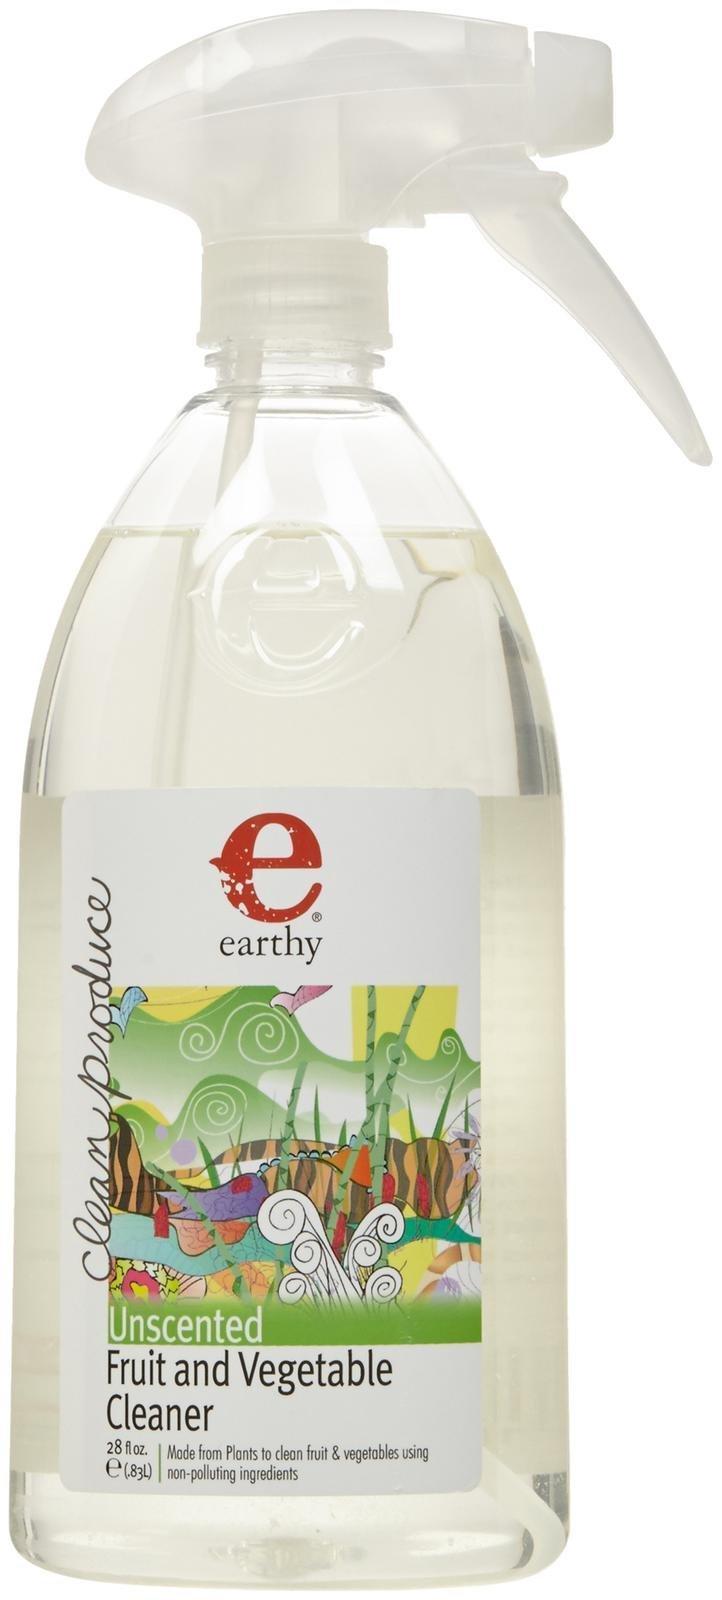 Earthy Clean Produce Fruit & Vegetable Cleaner, 28 Fluid Ounce